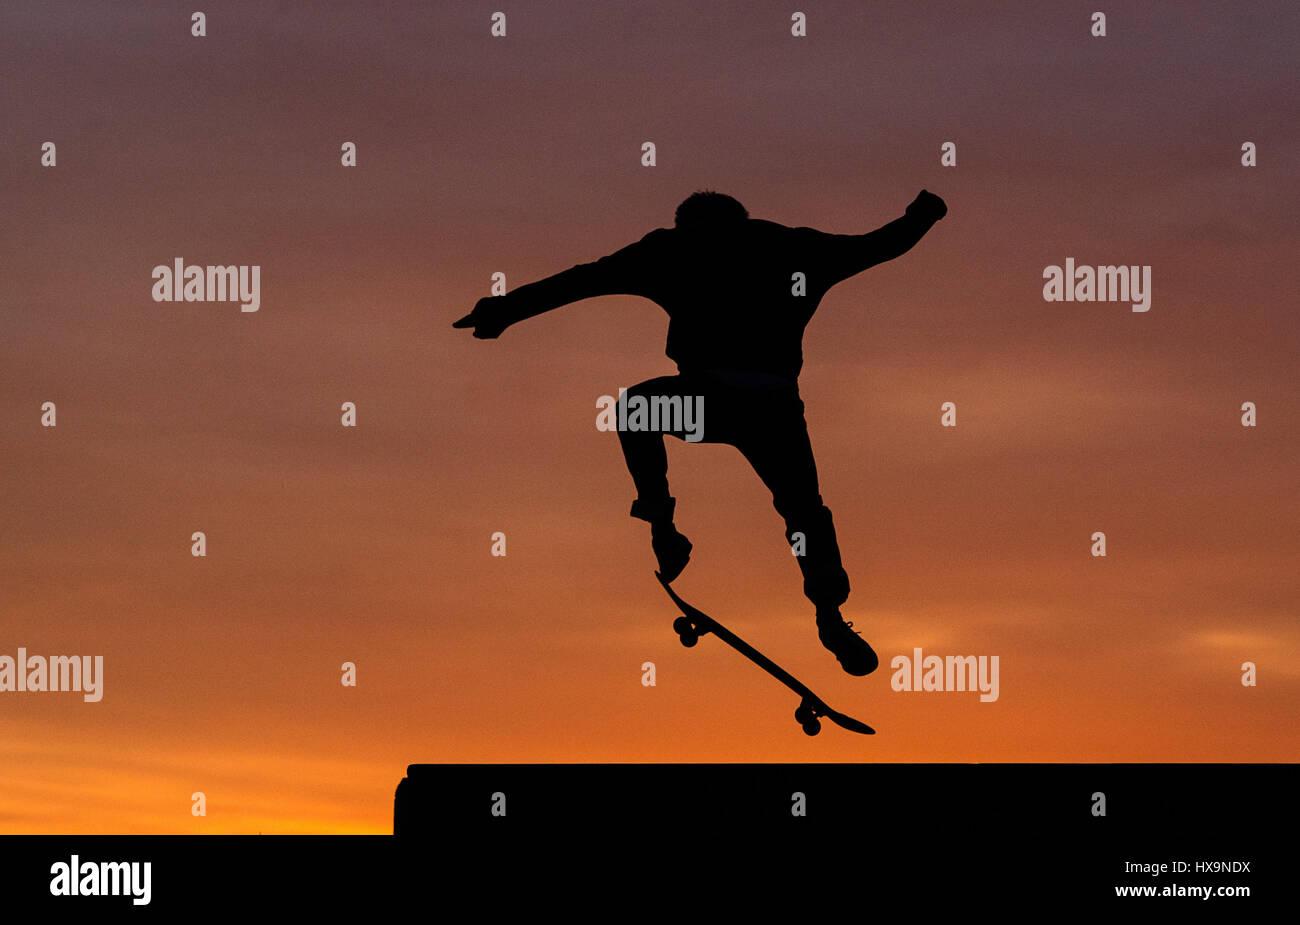 Berlino, Germania. 25 Mar, 2017. Un pattinatore in azione al tramonto a Tempelhofer Feld (lit. Campo di Tempelhof Foto Stock